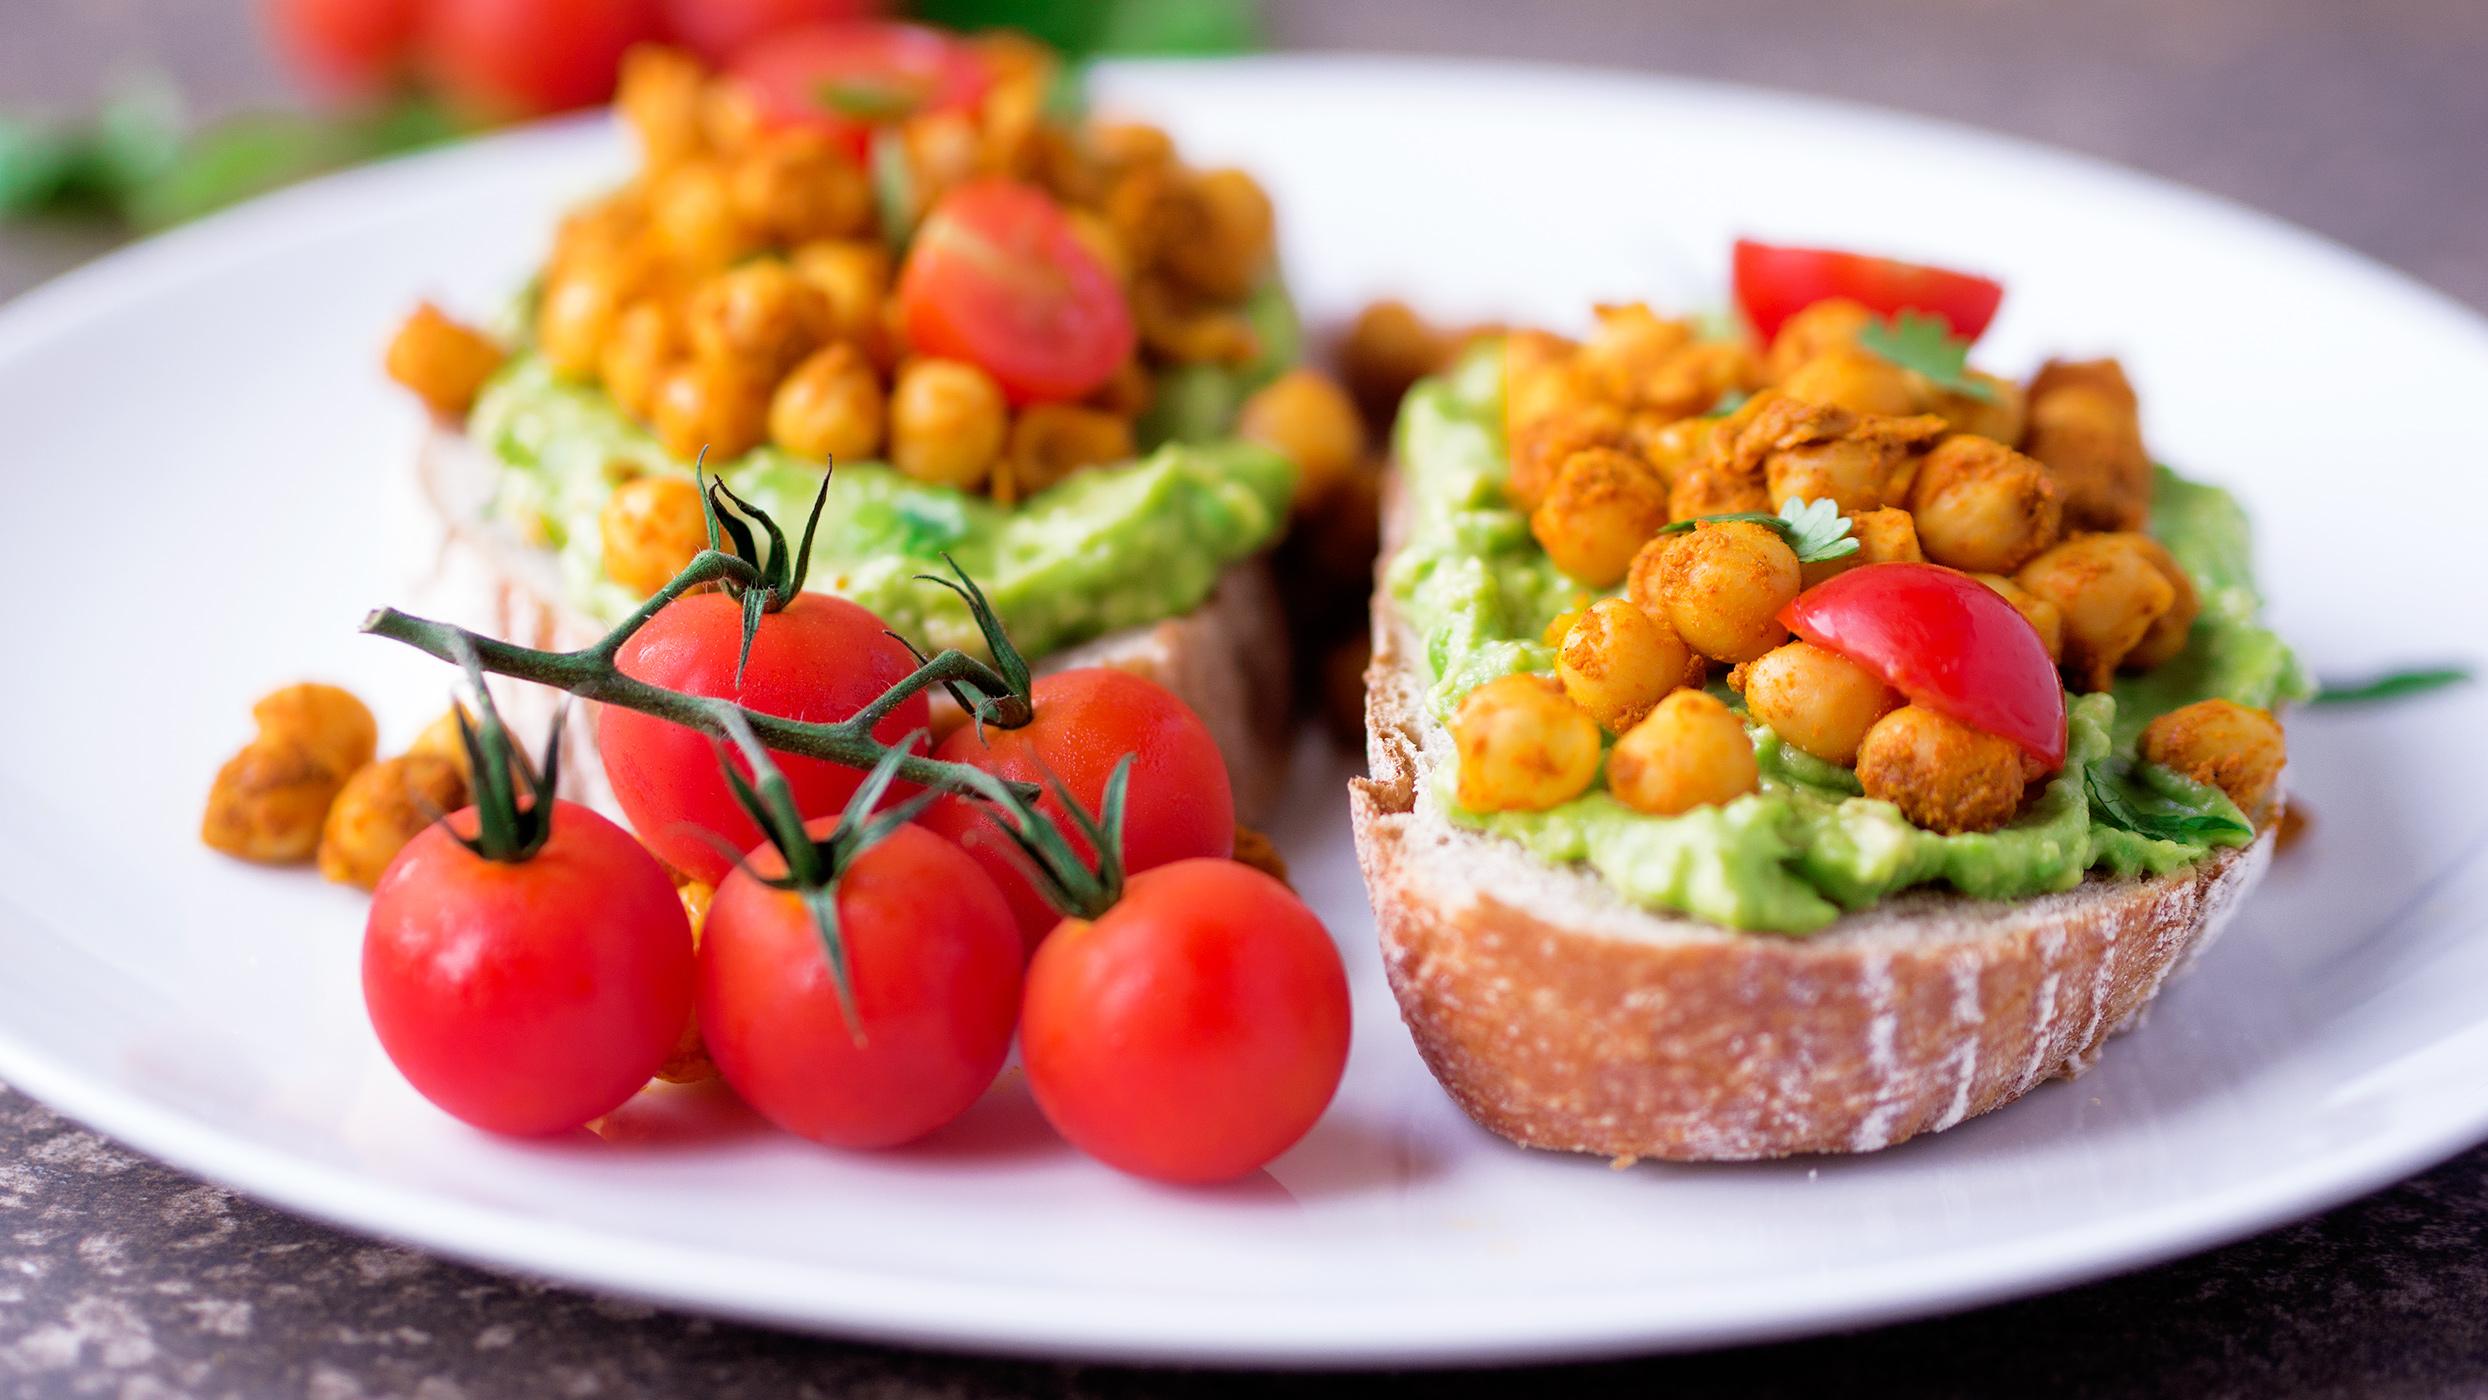 Healthy vegan brunch recipe – Spicy chickpea and avocado toast